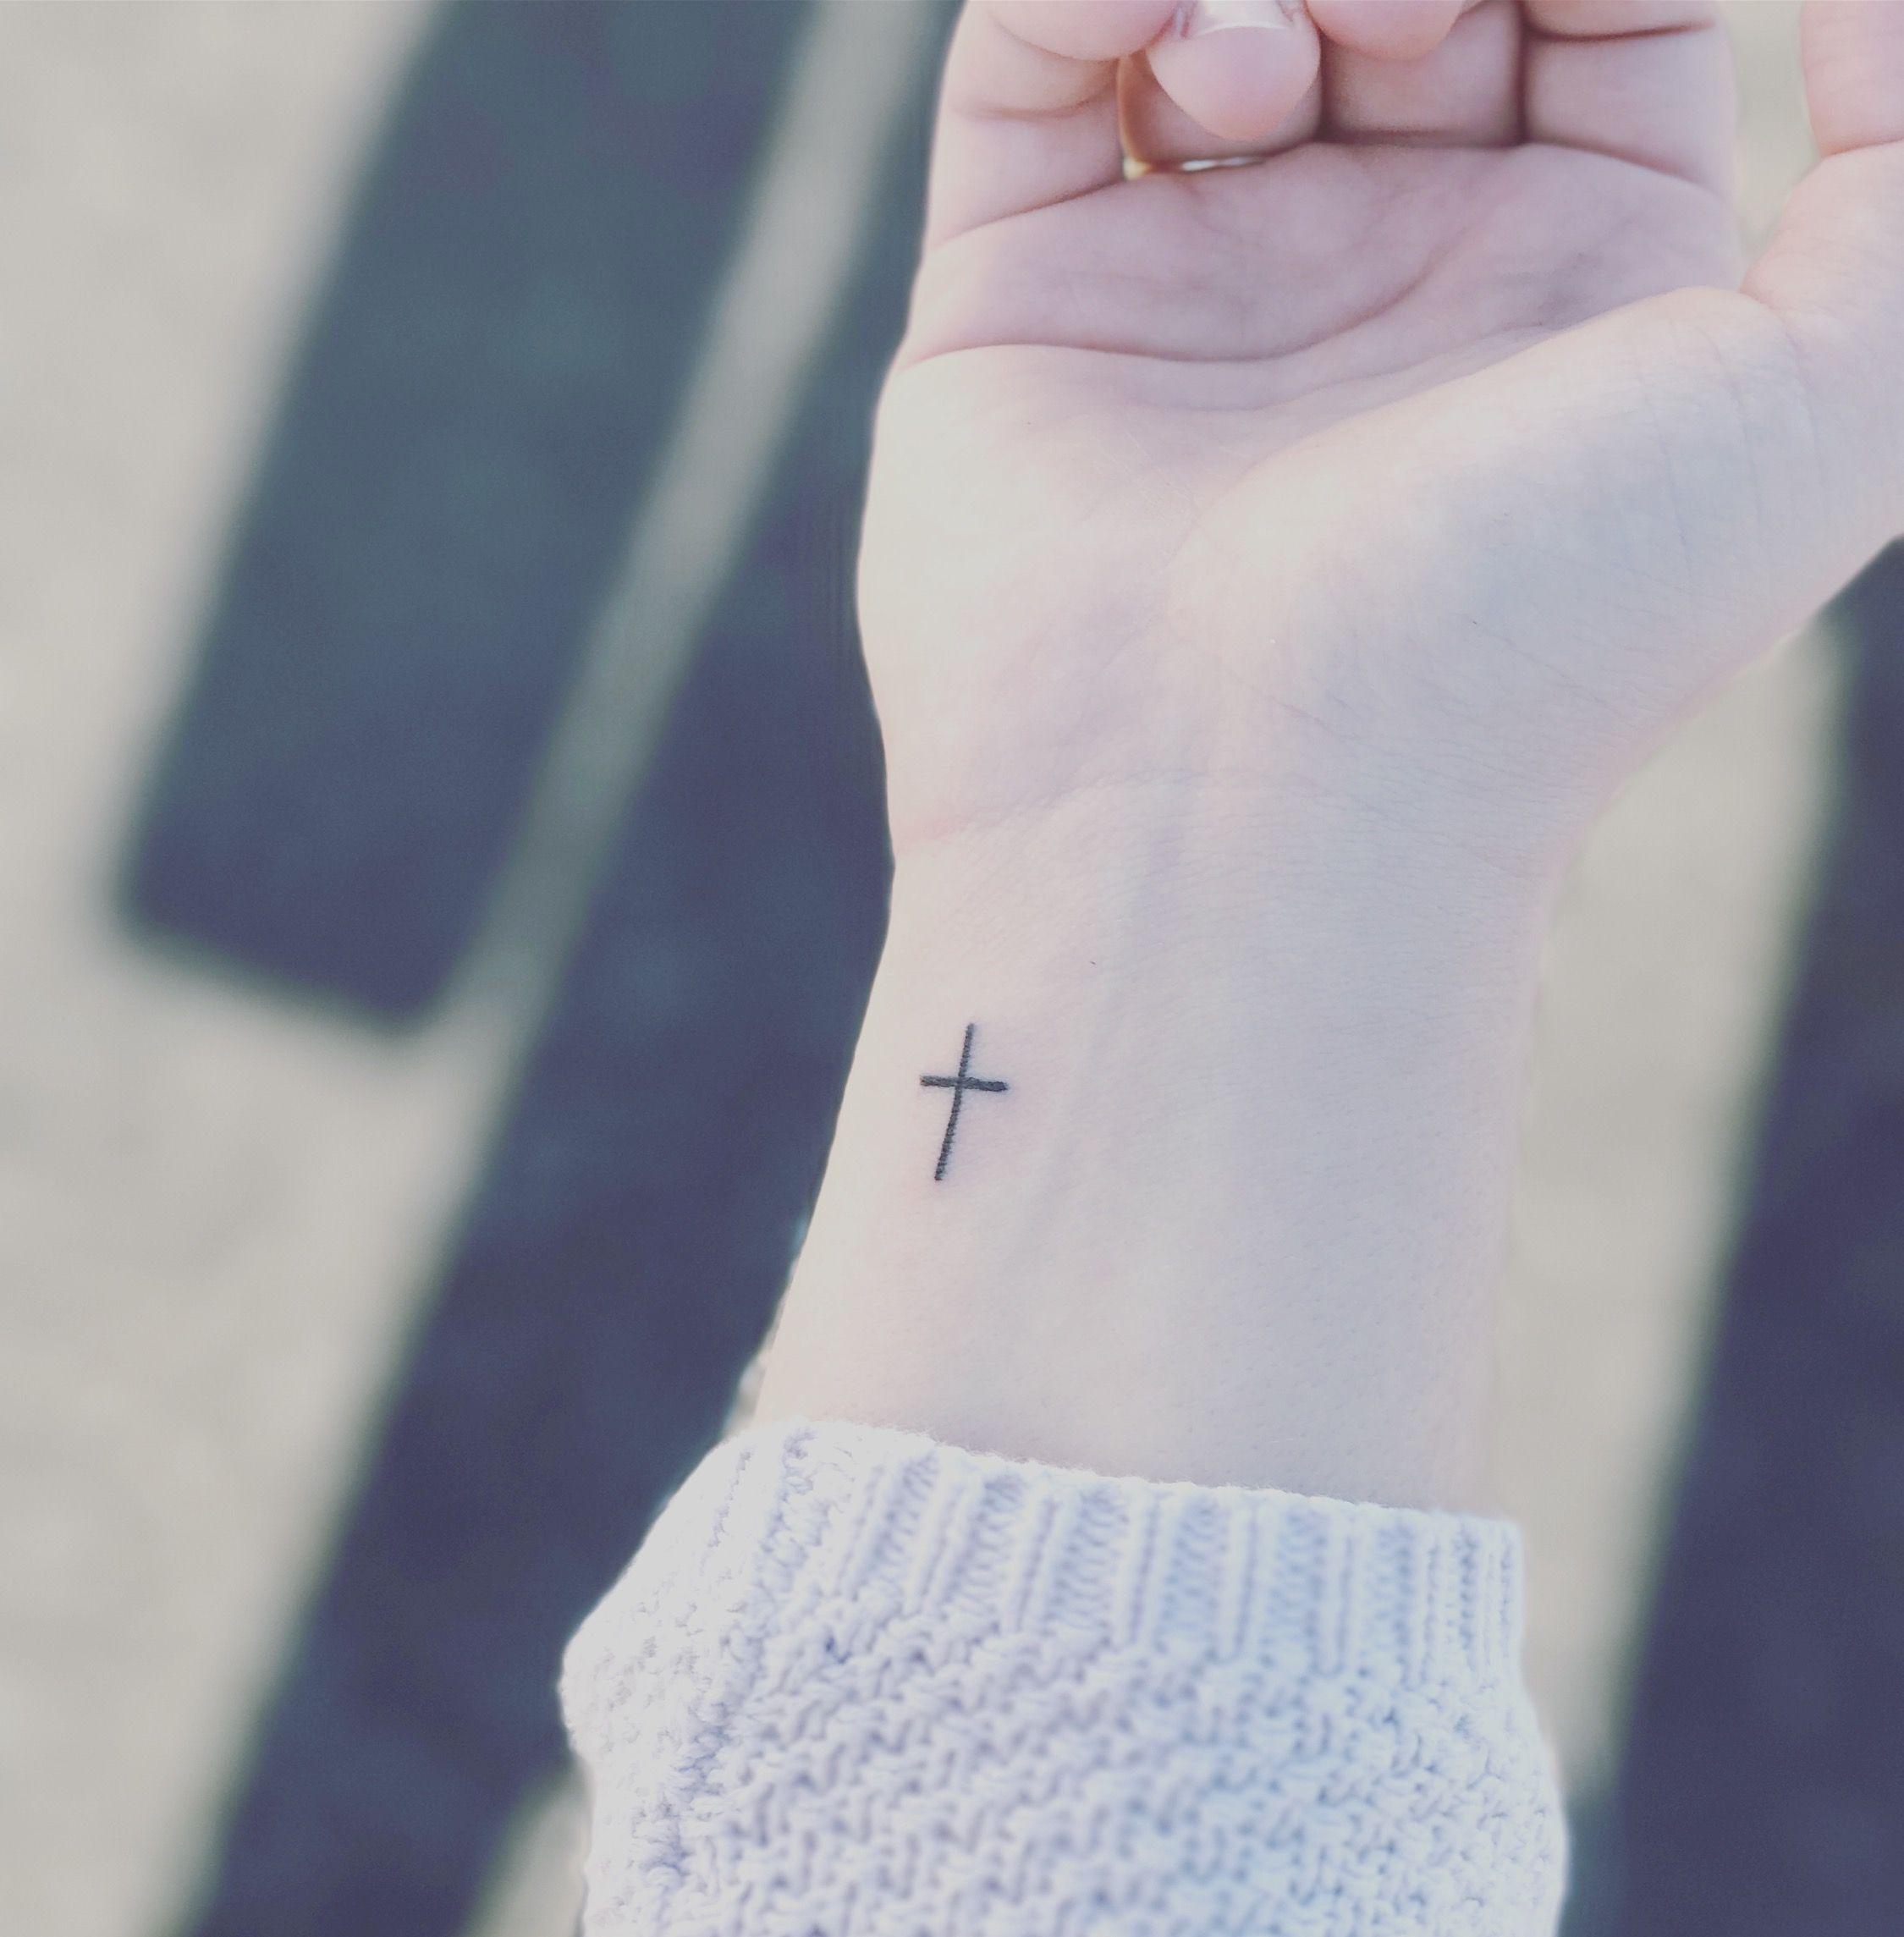 Cross Tattoo On Wrist M Wedding Ideas Pinterest Tatuajes